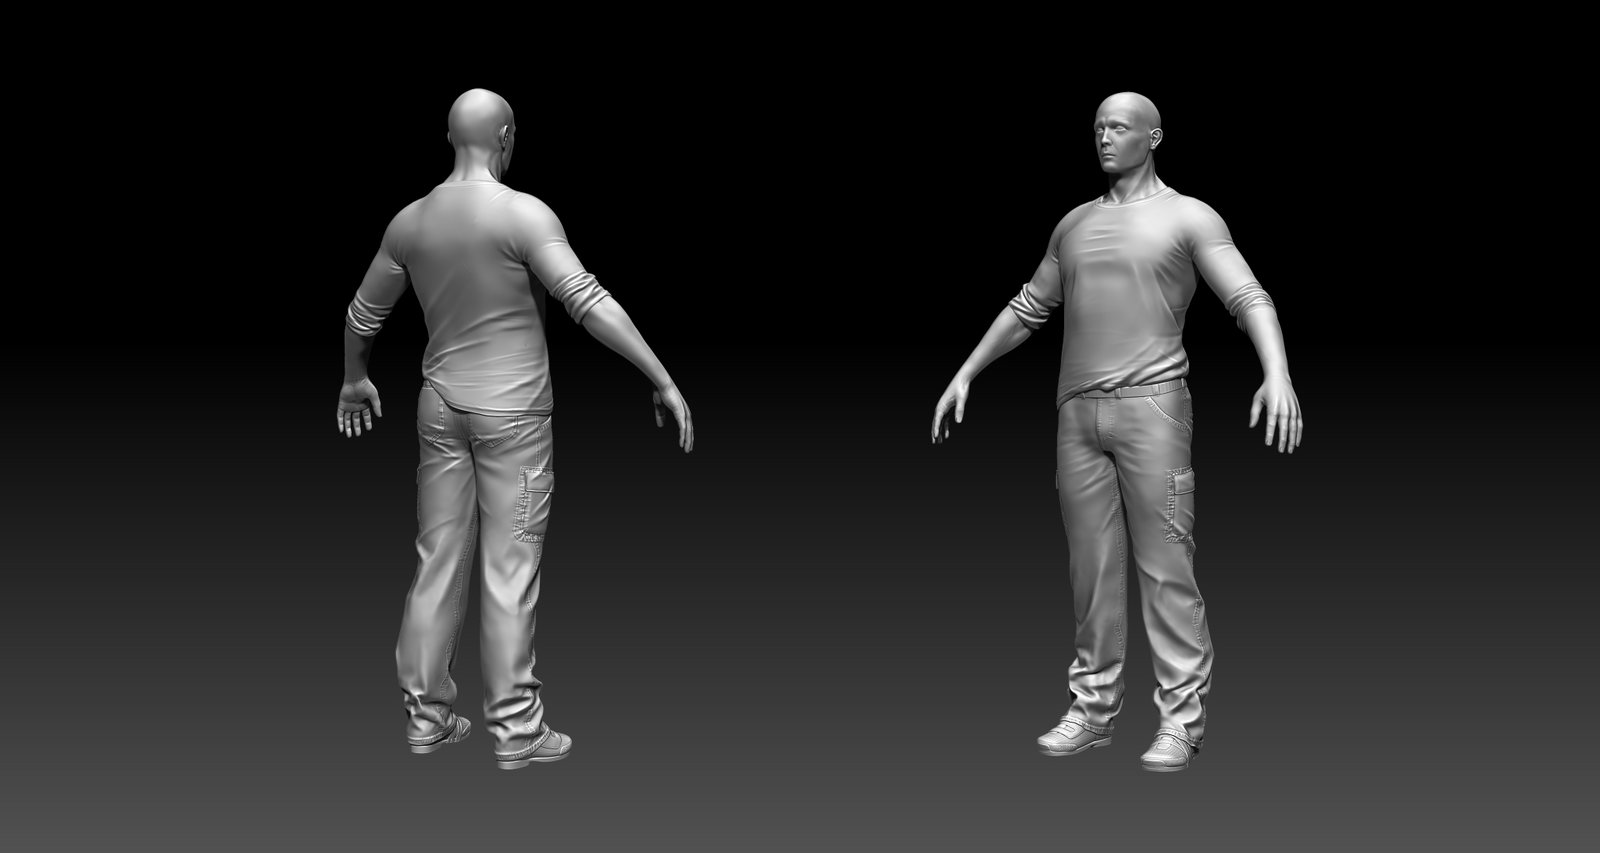 My human sculpt study